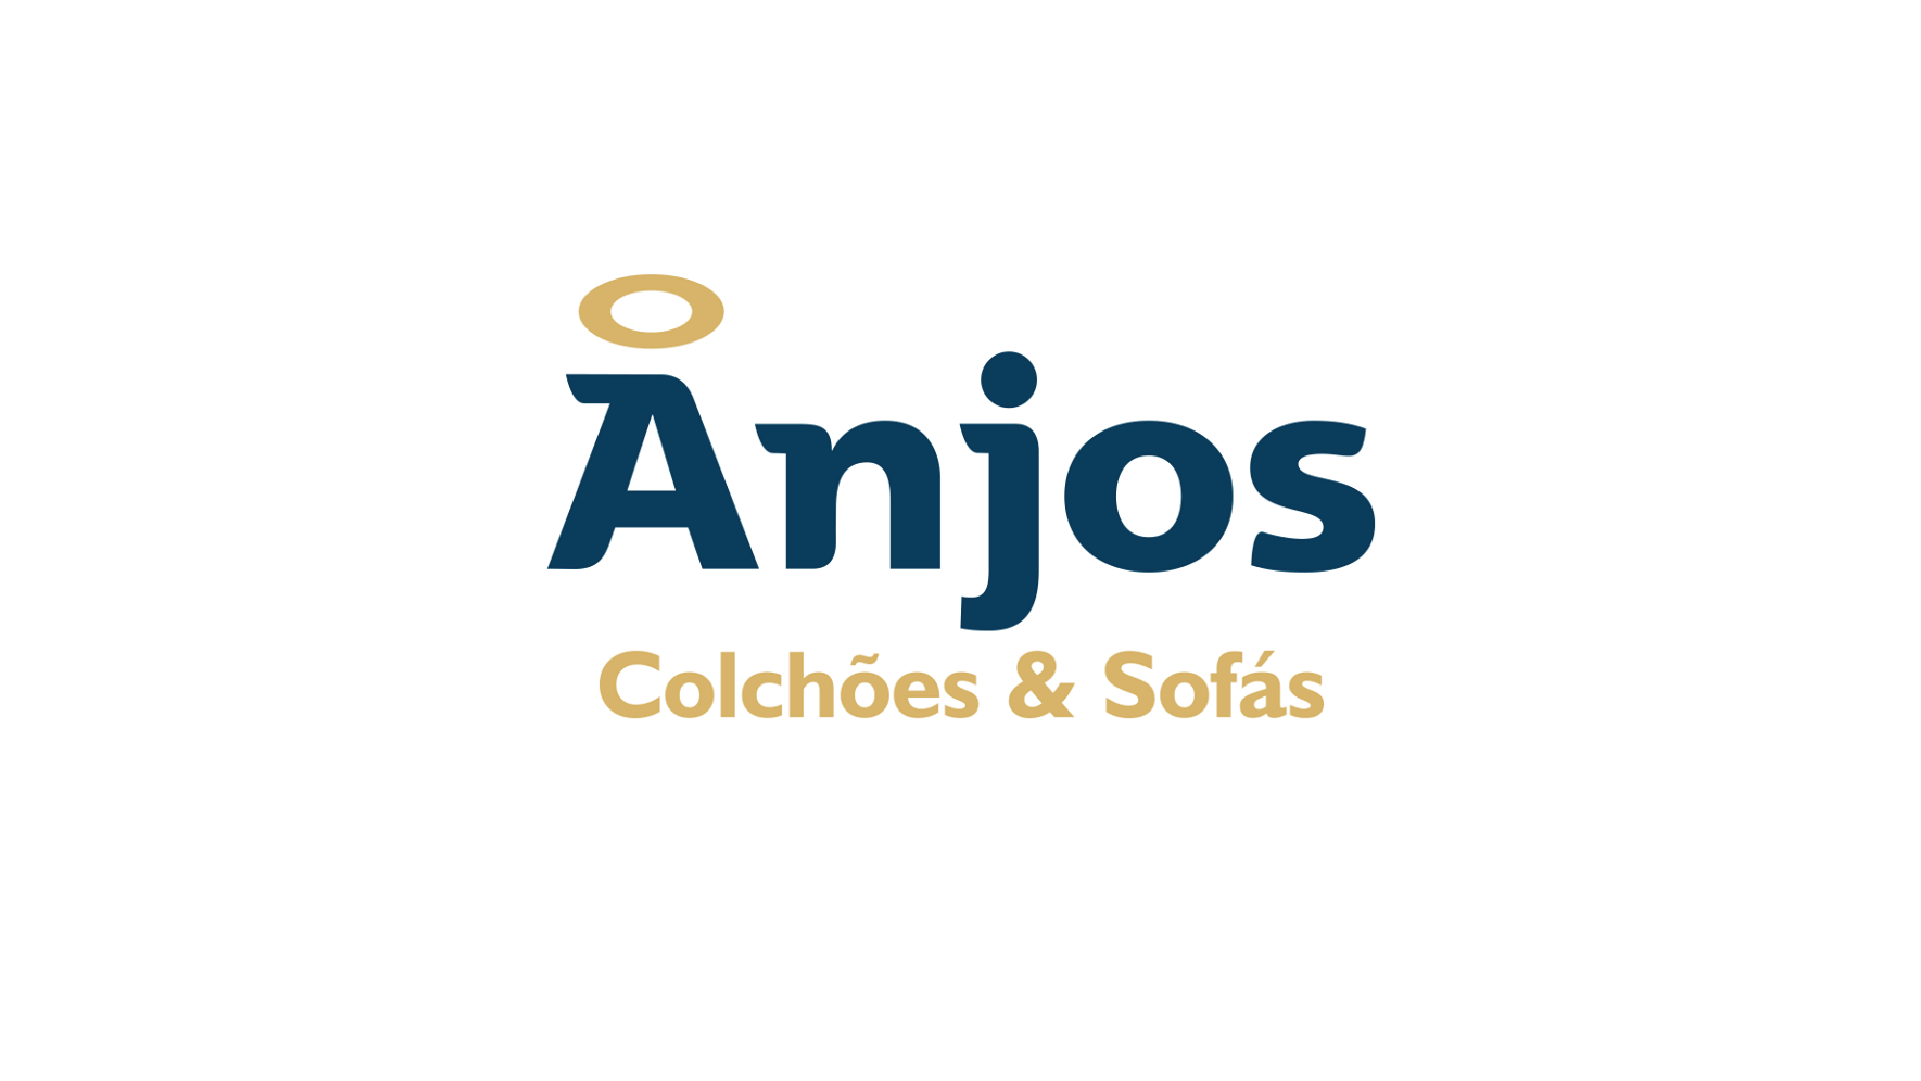 logos_Prancheta 1 cópia